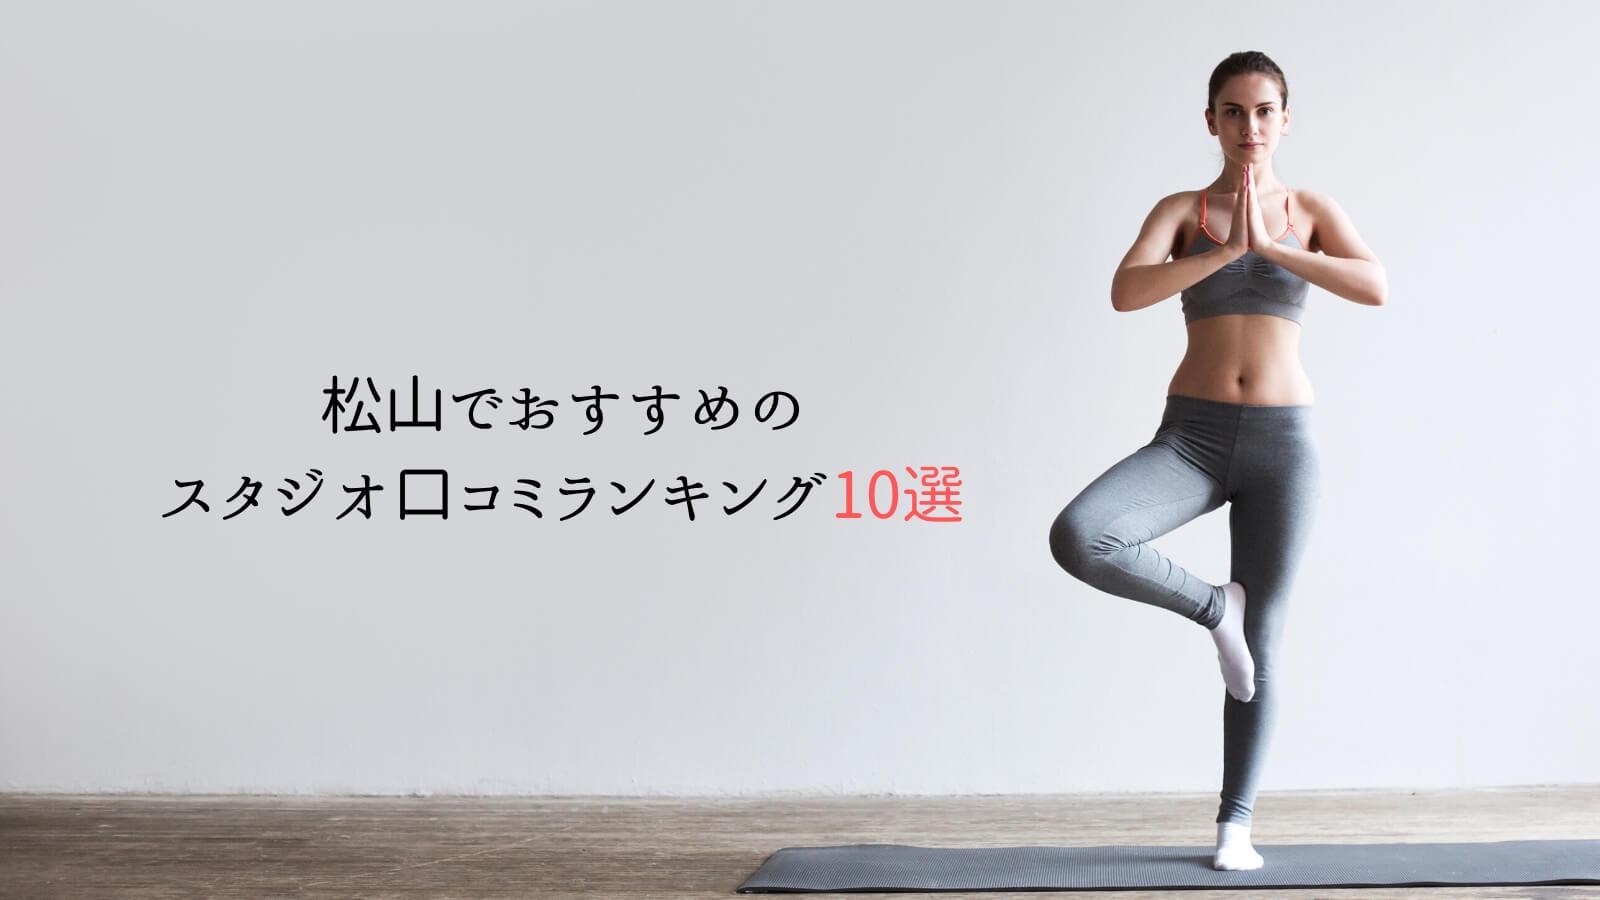 松山でおすすめのヨガ・ホットヨガスタジオ口コミランキング10選